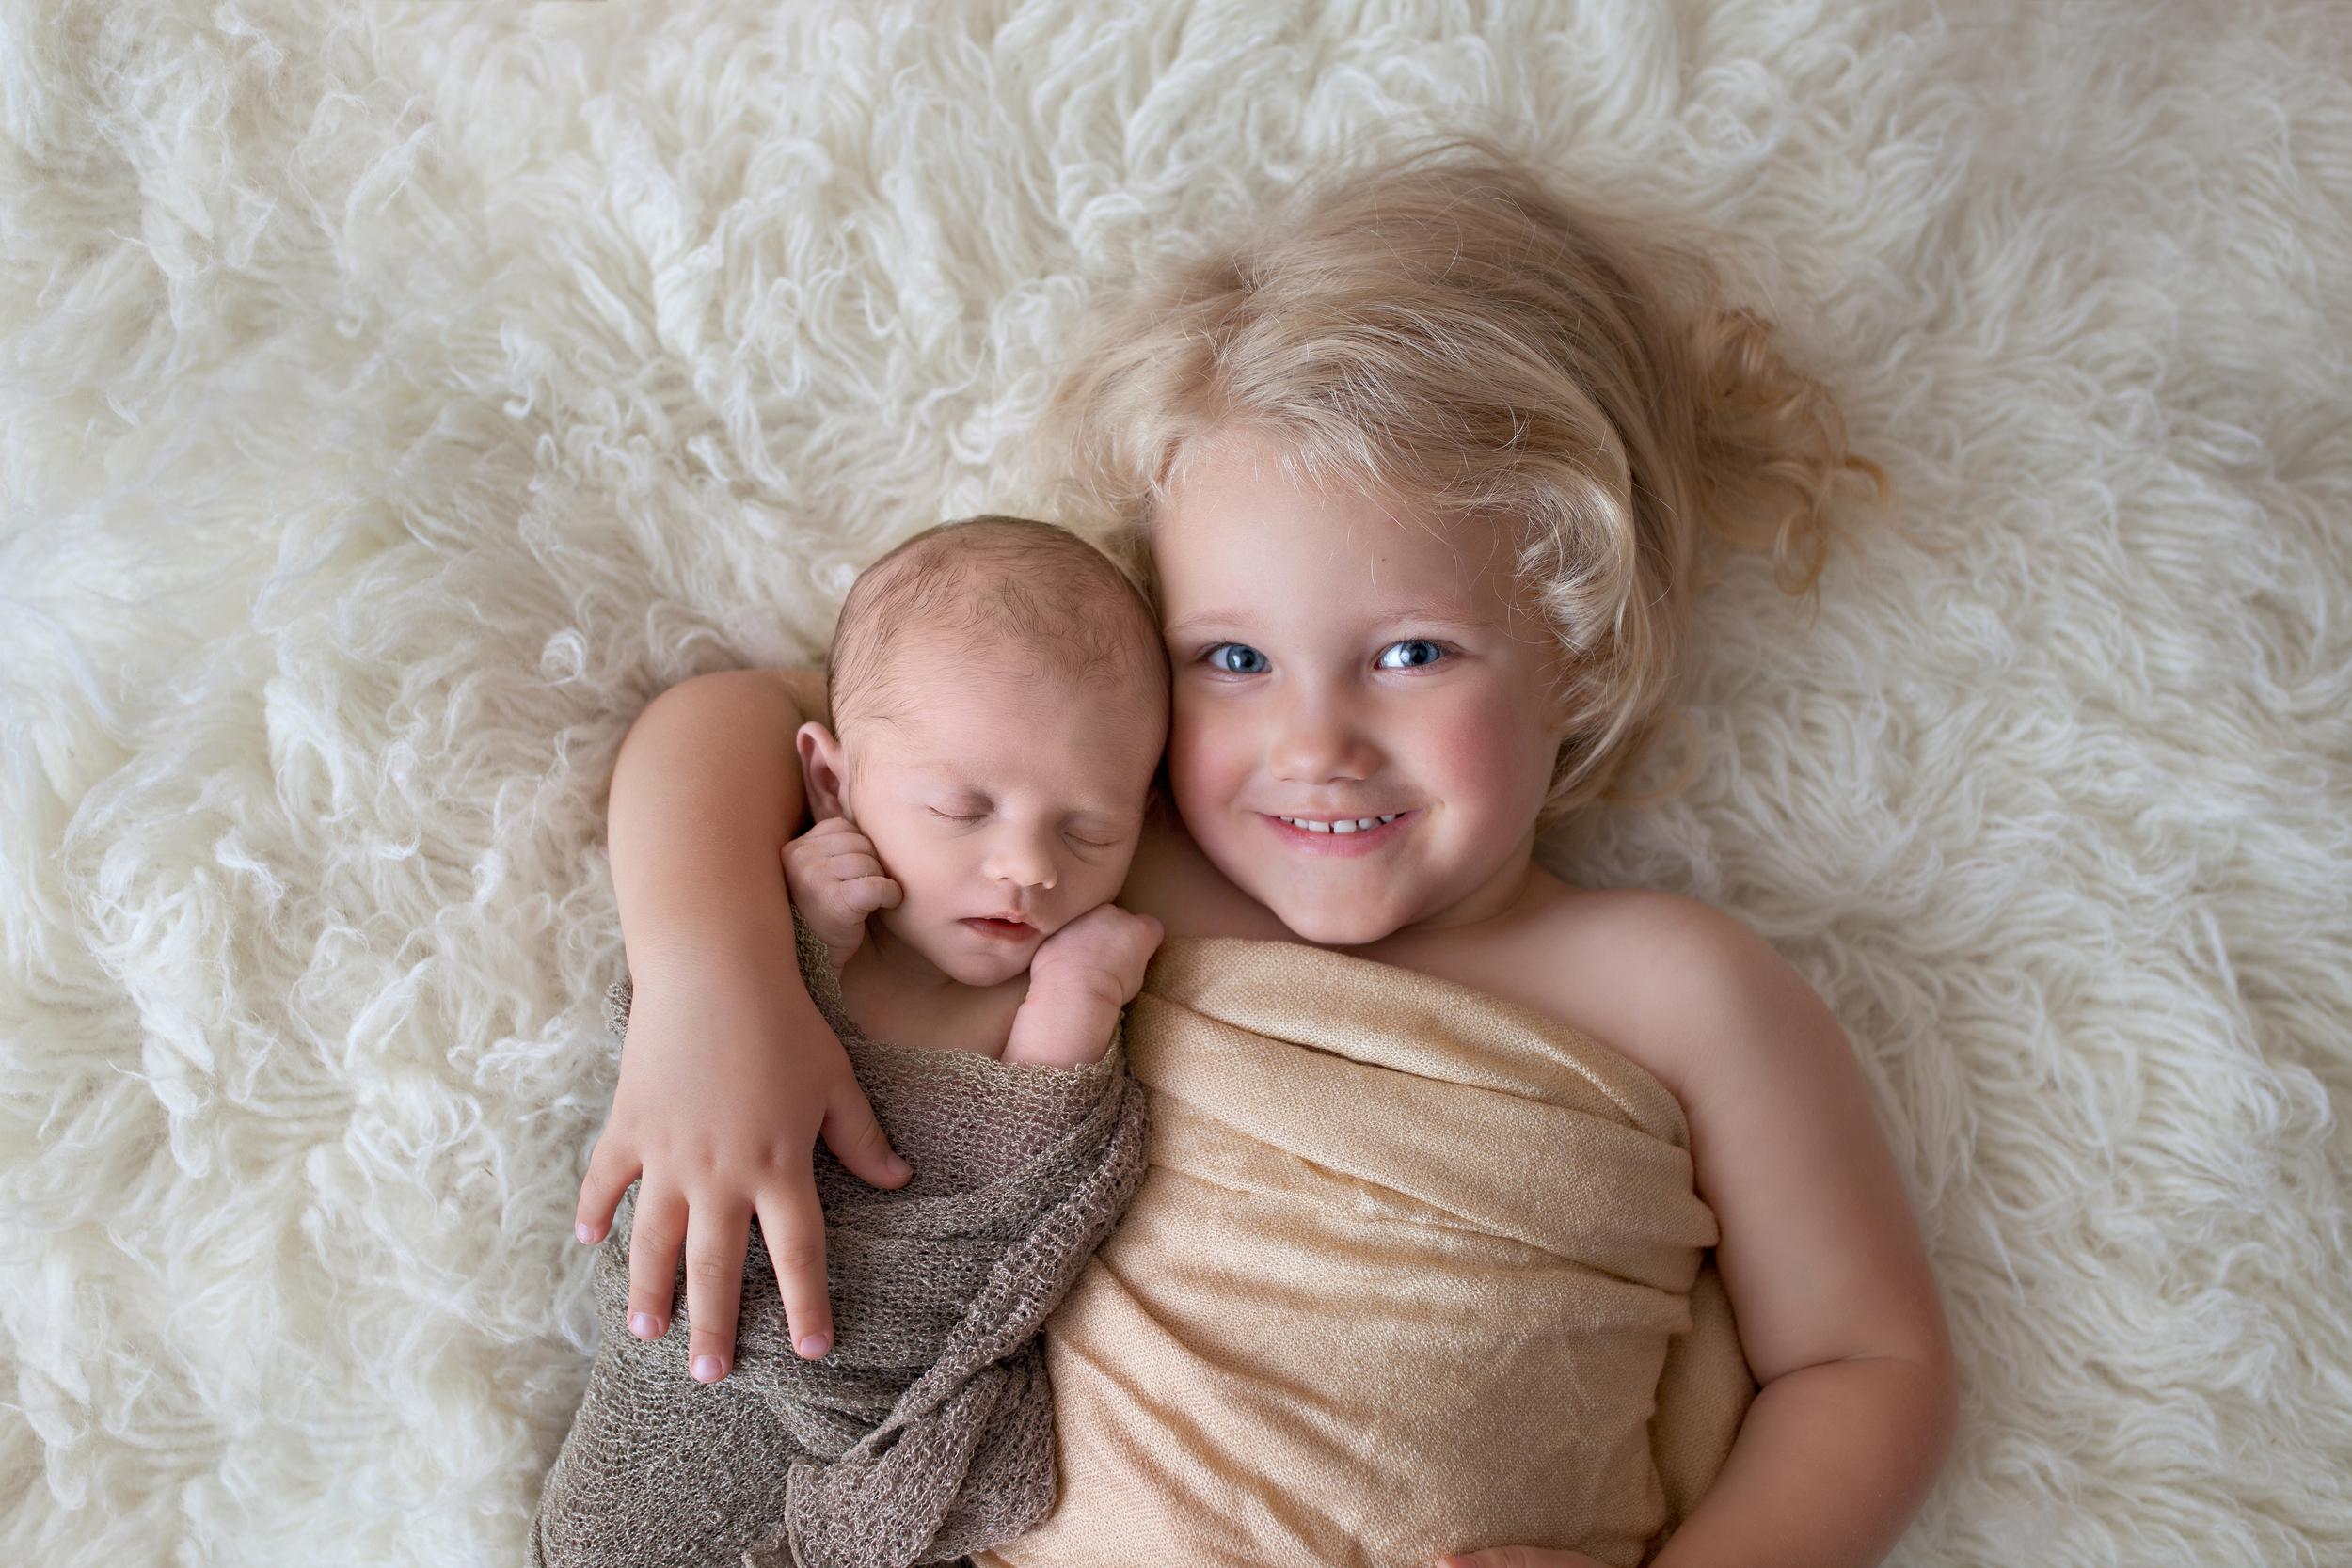 Worthington Photographer, newborn photography session